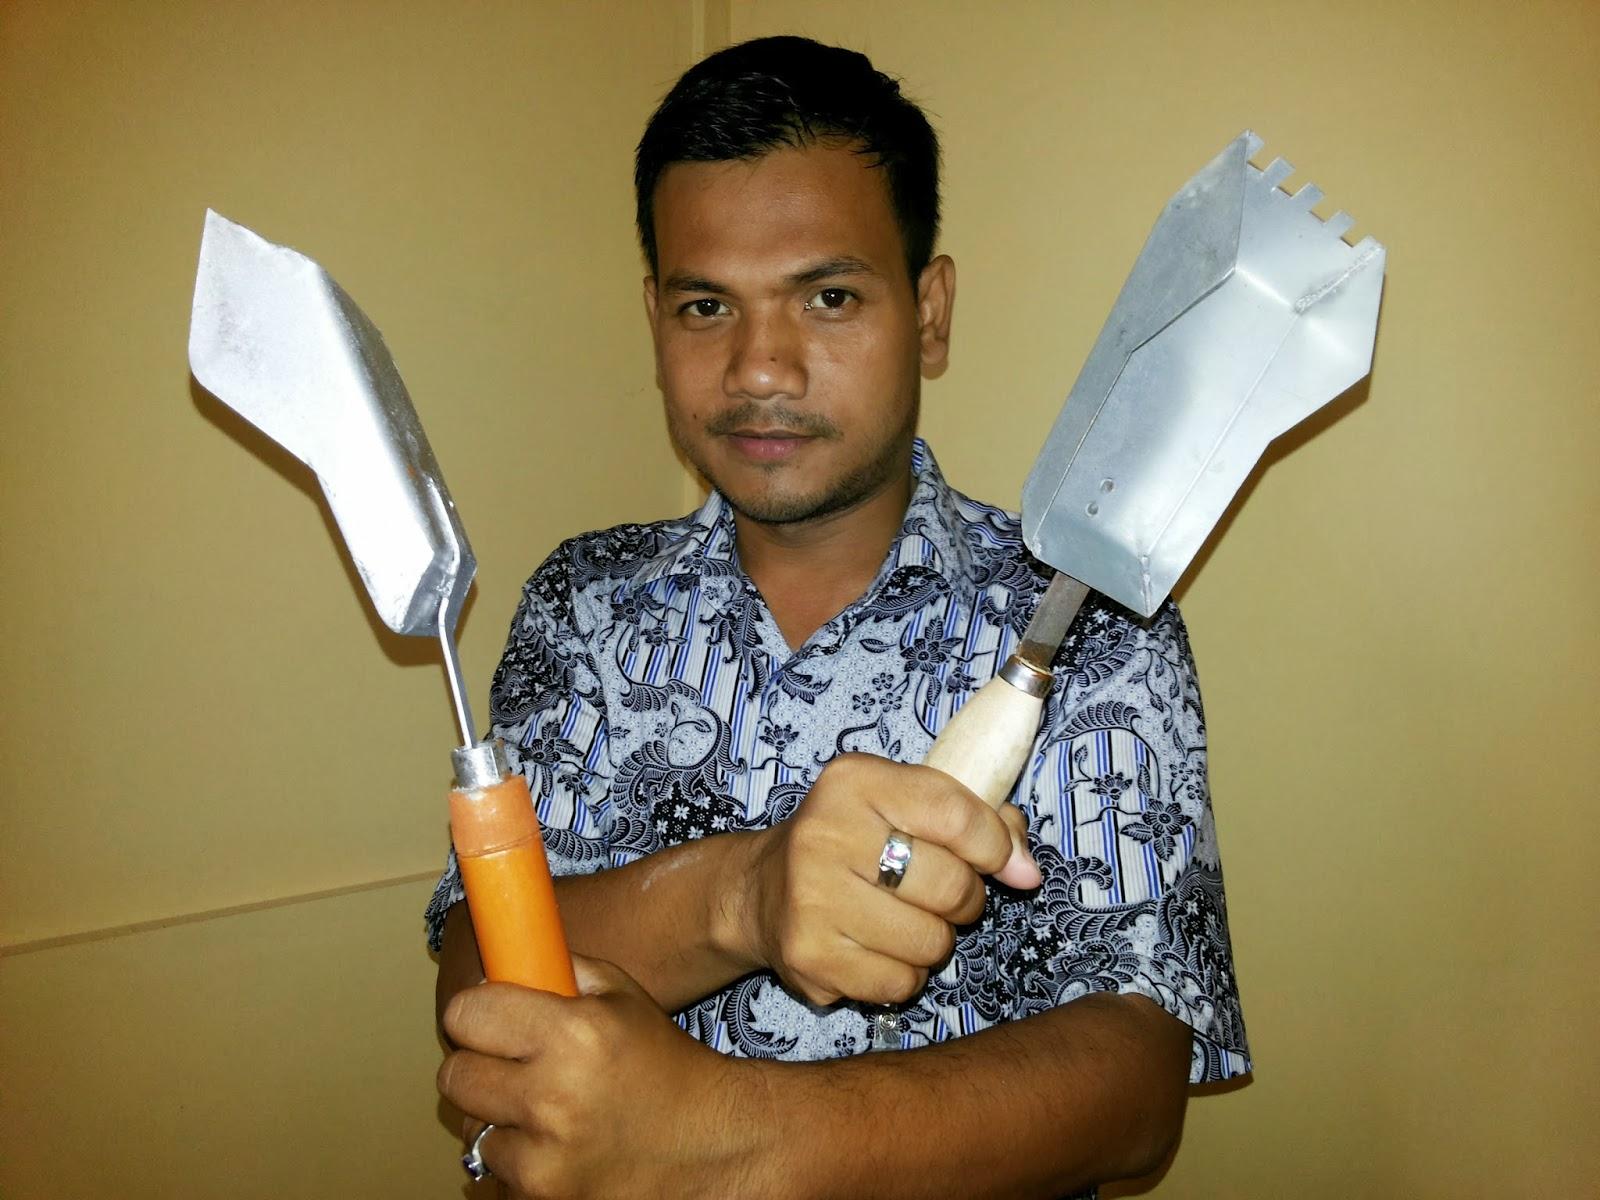 Trowel Bata Ringan Update Daftar Harga Terbaru Terlengkap Indonesia Clearance Sendok Semen Oval Wrn Biru 8 Inch Jason 377 079 Jual Roskam Dan Gergaji Khusus